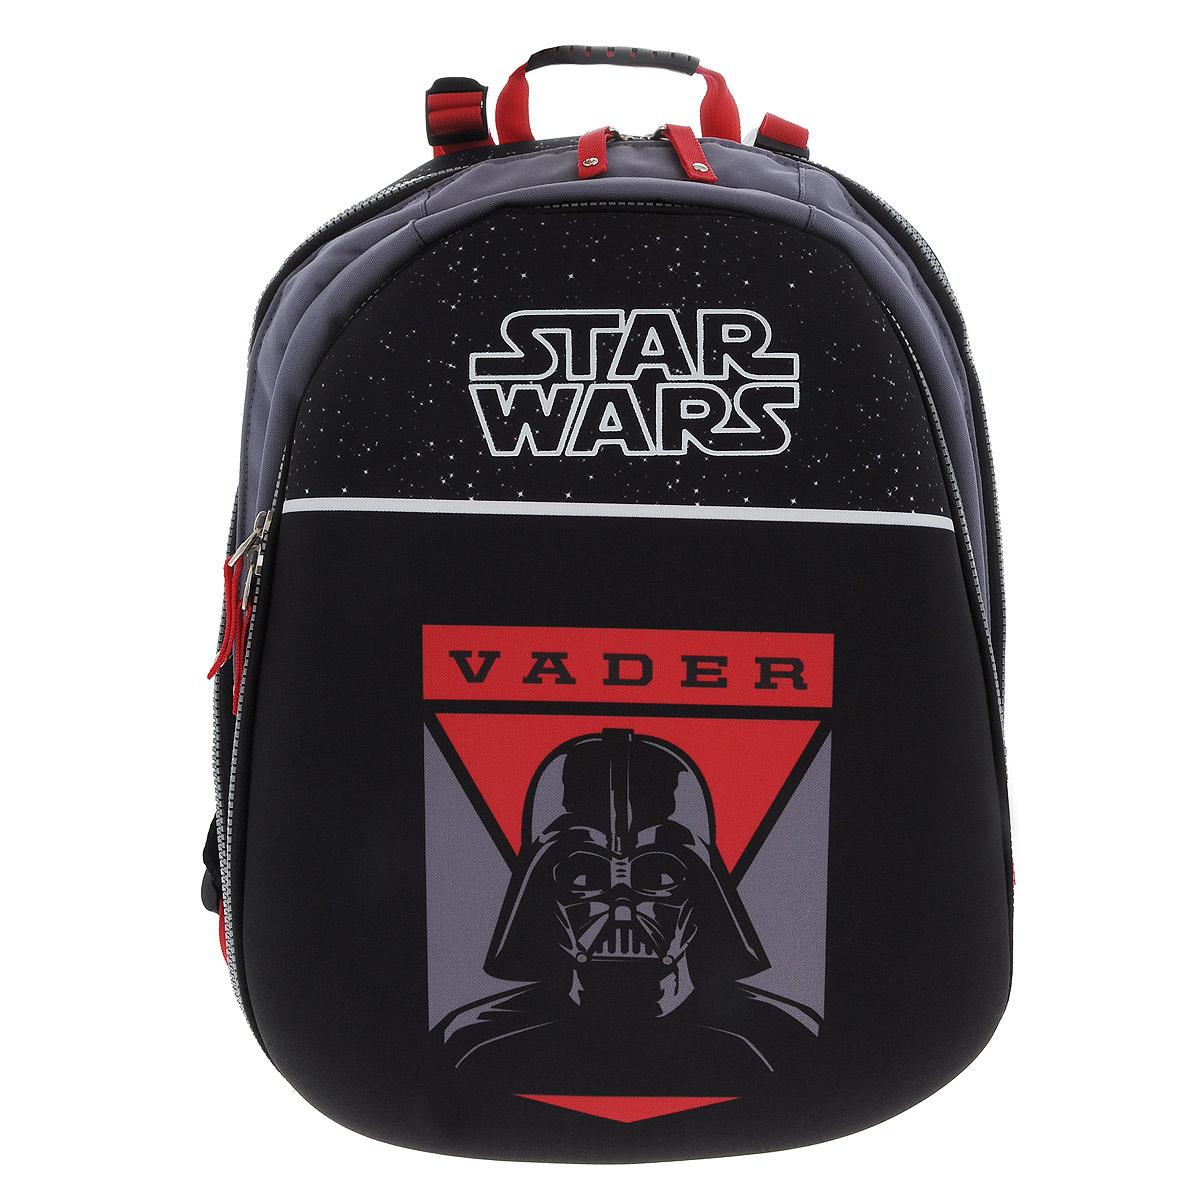 Рюкзак Star Wars Vader, цвет: черный, красный. 3747437474Рюкзак Star Wars Vader будет отличным подарком поклонникам вселенной Star Wars! Рюкзак выполнен из полиэстера черного и красного цветов и оформлен оригинальным рисунком с изображением Темного Лорда Дарта Вейдера. Рюкзак оснащен одним основным отделением, закрывающимся на застежку-молнию. На внешней стороне расположен вместительный накладной карман на застежке-молнии, содержащий шесть накладных кармашков, а также два кармашка для ручек и карандашей. Рюкзак оснащен мягкими плечевыми лямками, мягкой спинкой с сетчатой поверхностью и текстильной ручкой для удобной переноски.